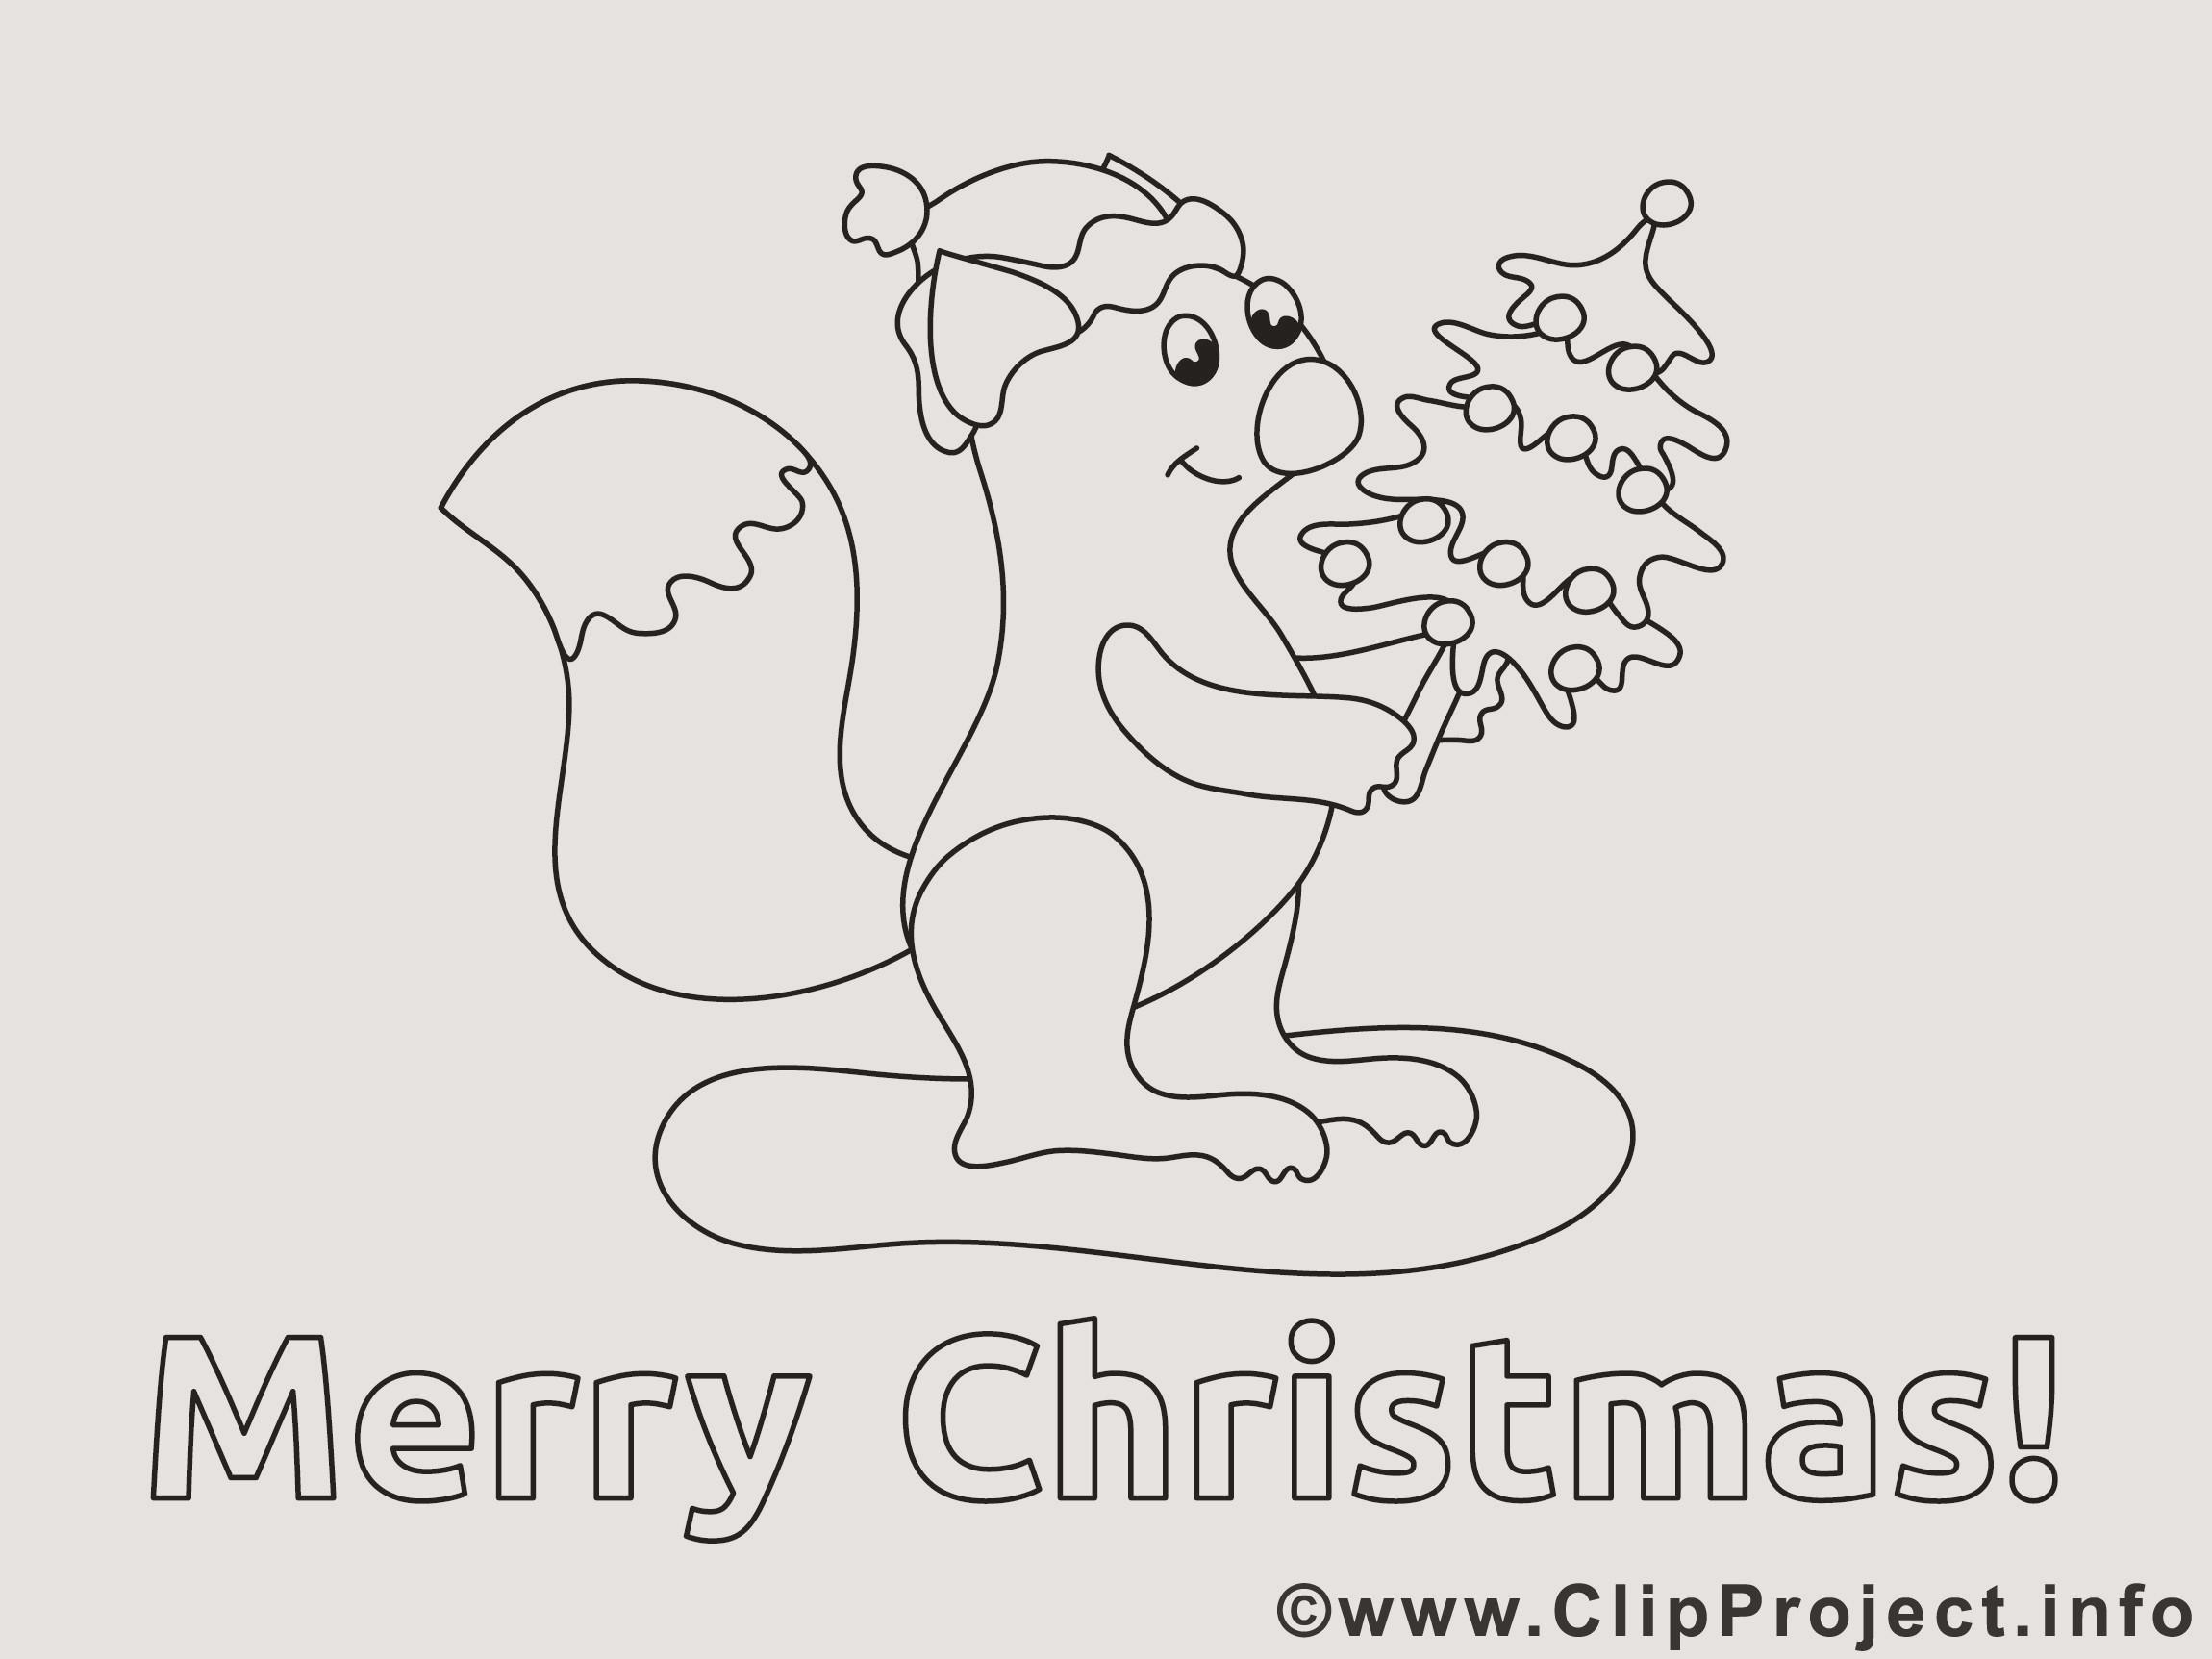 Ausmalbilder Weihnachten Merry Christmas Das Beste Von 30 Einzigartig Ausmalbilder Weihnachten Rentiere Neuste Fotografieren